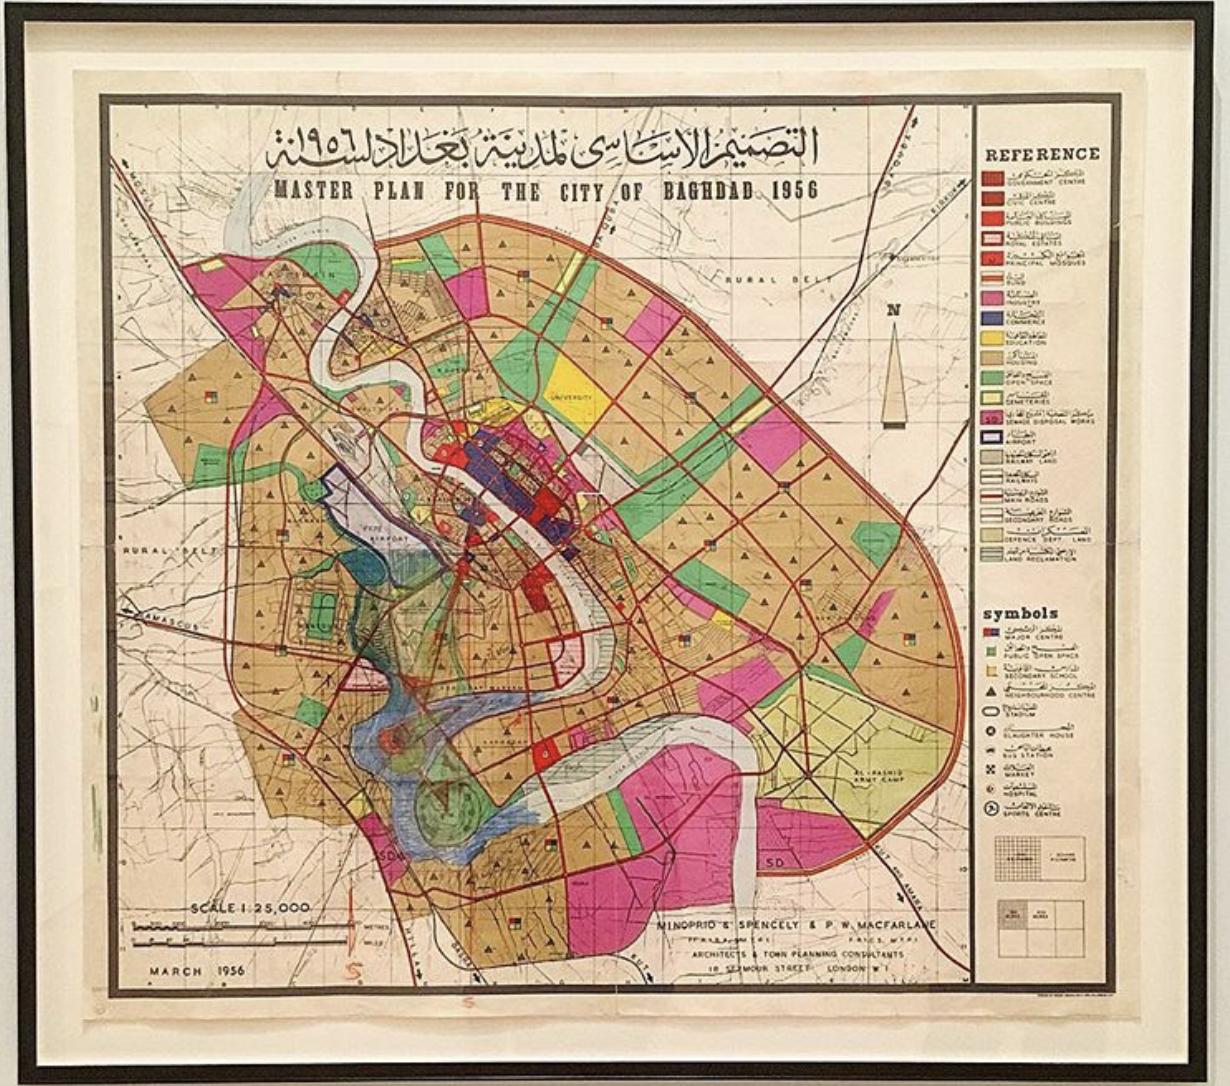 تطور مدينة بغداد خلال الحكم الملكي ١٩٢١-١٩٥٨ ( الجزء الأول)